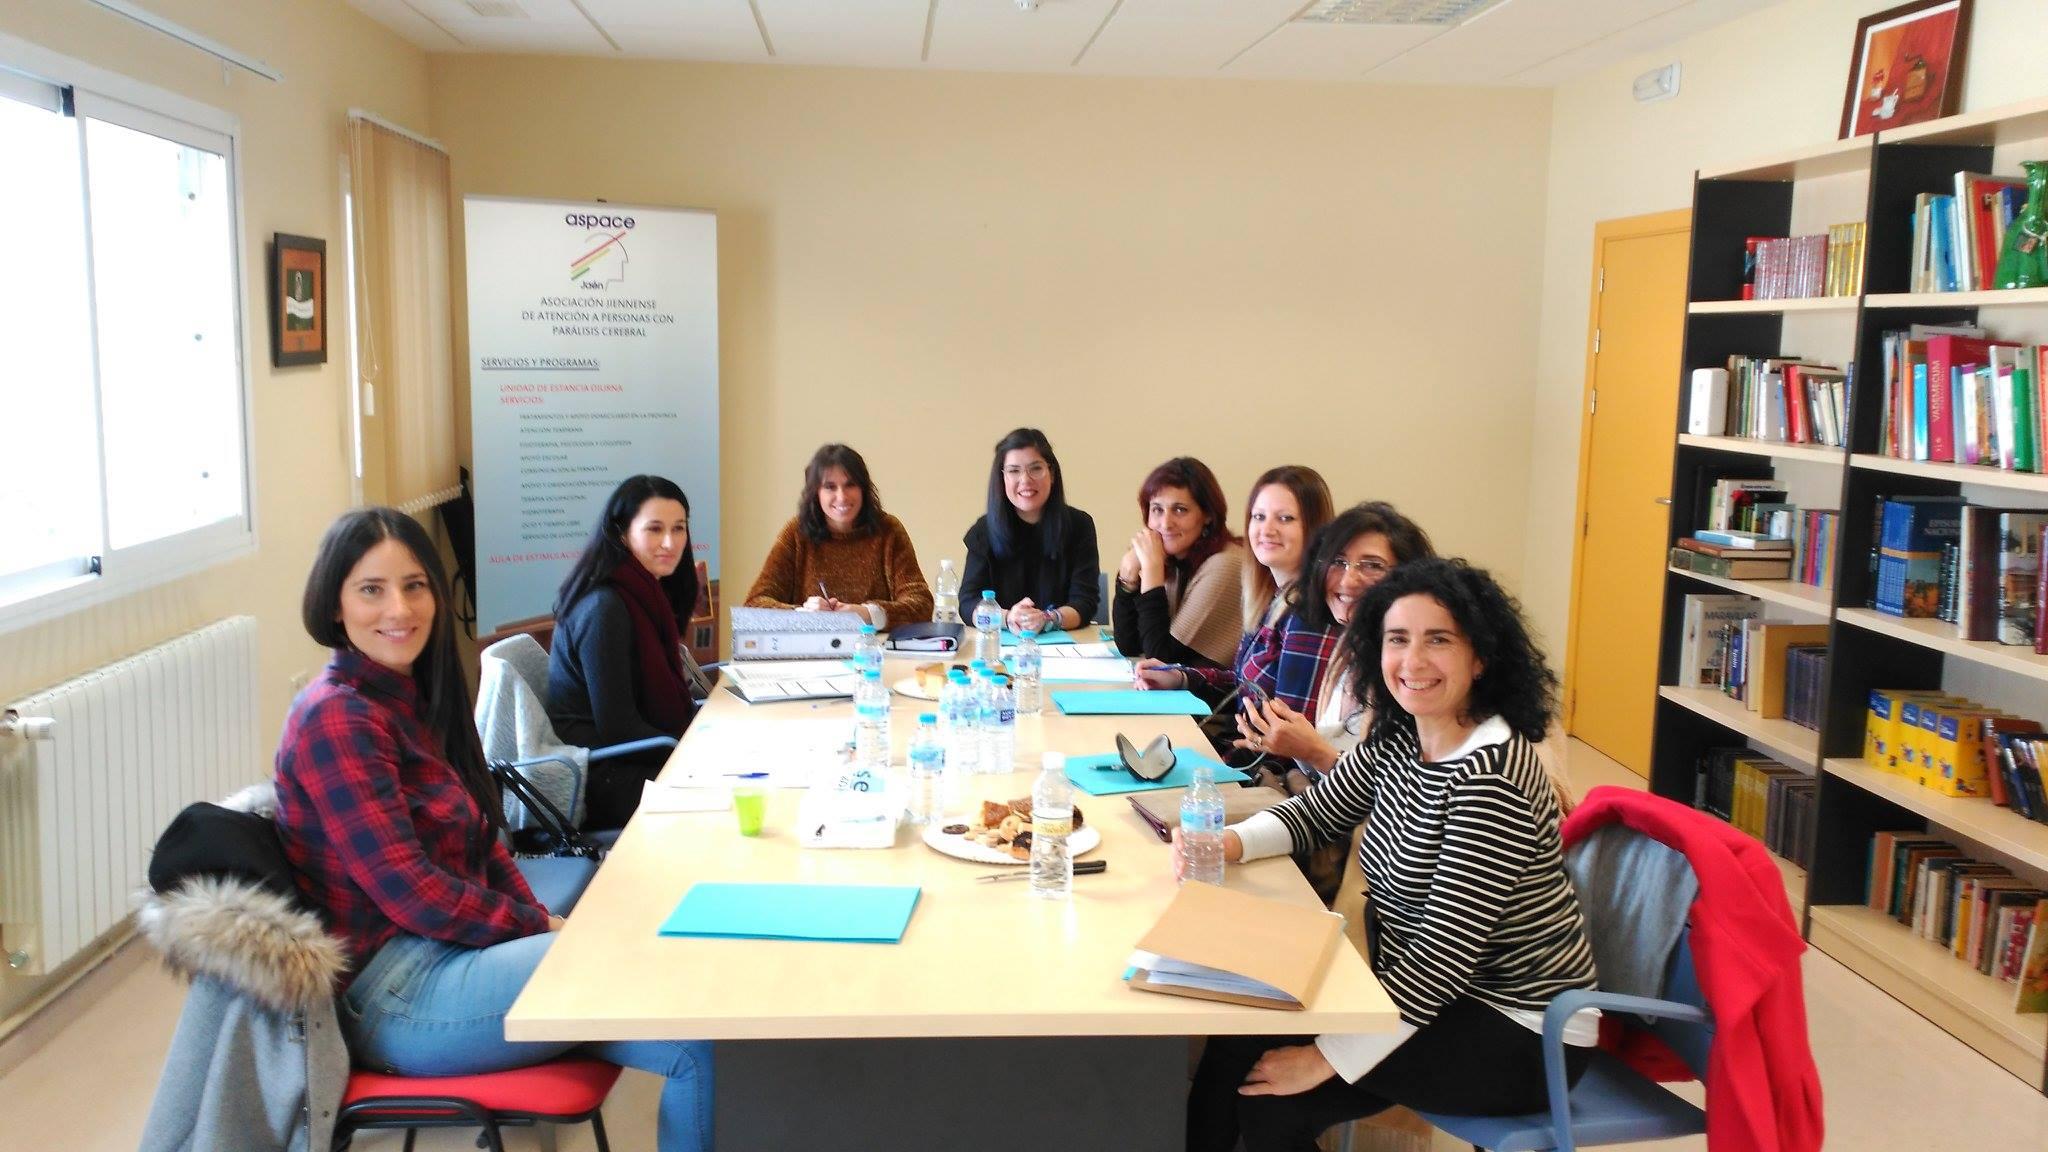 Aspace Andalucía conoce la nueva sala de integración sensorial de Aspace Jaén